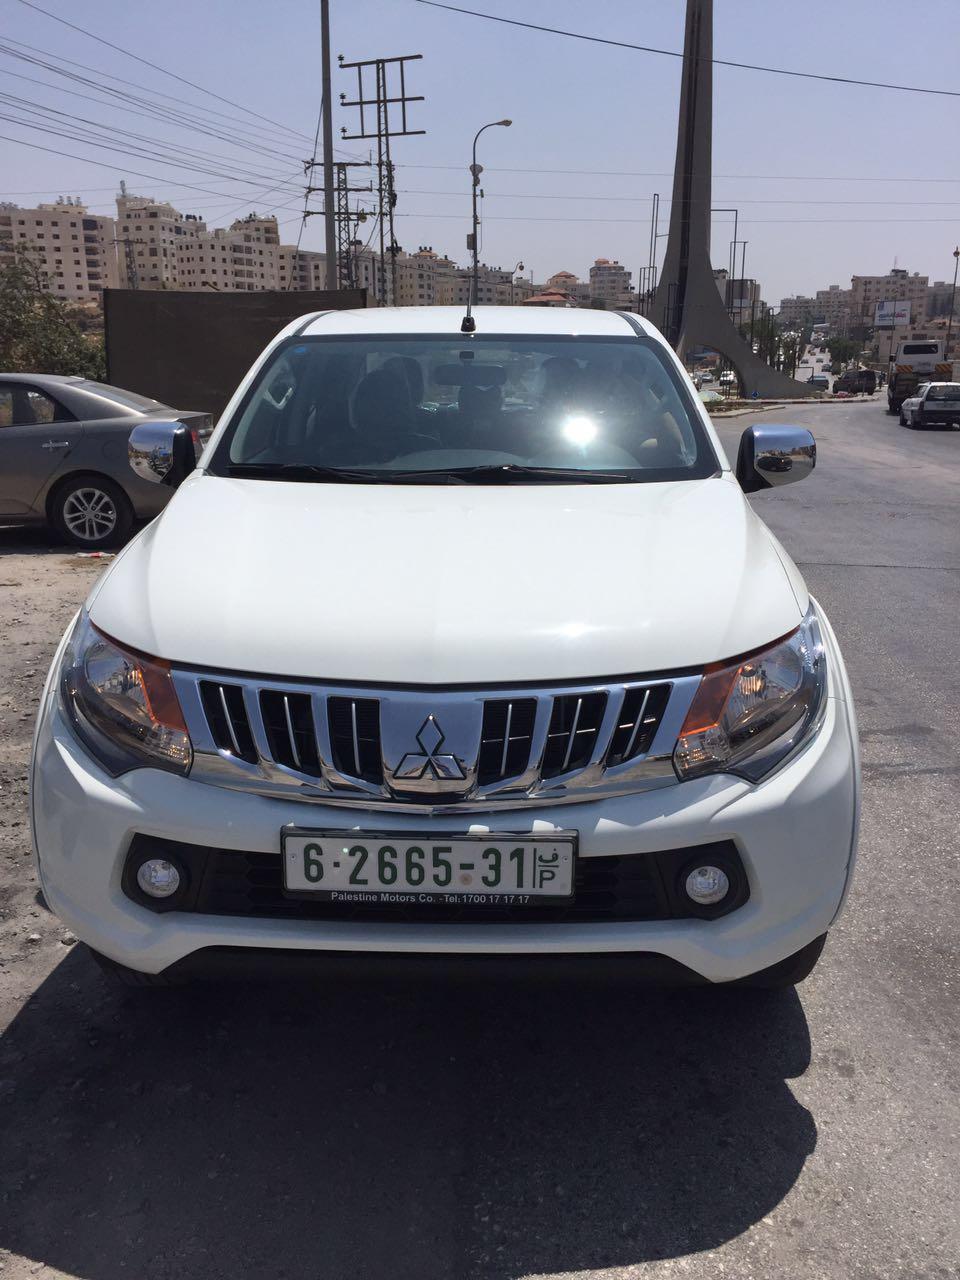 شراء سيارة خدمات لبلدية برطعة .